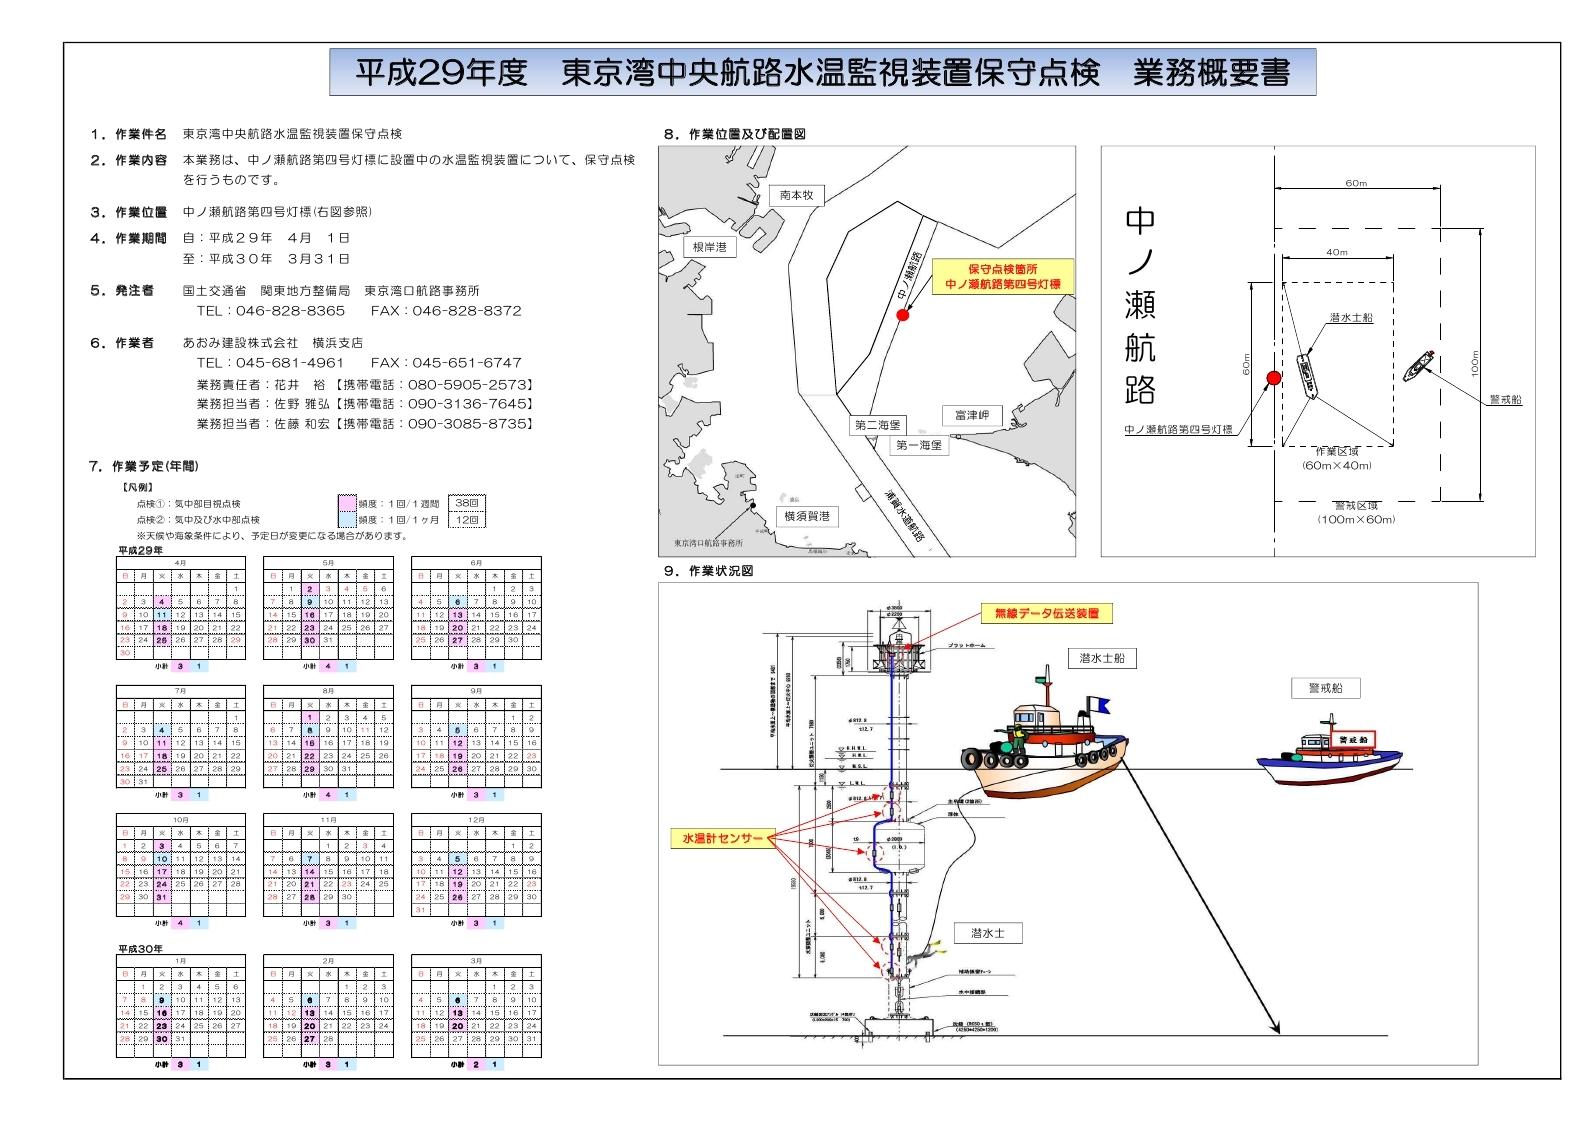 業務概要書_水温監視装置保守点検.pdf_page_1